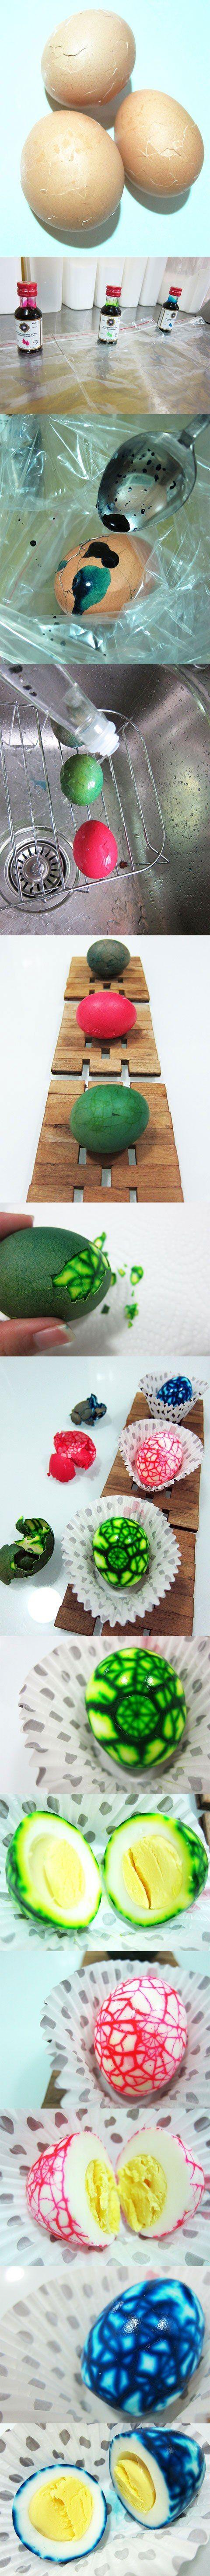 Dat wordt een leuk bord gevulde eieren.